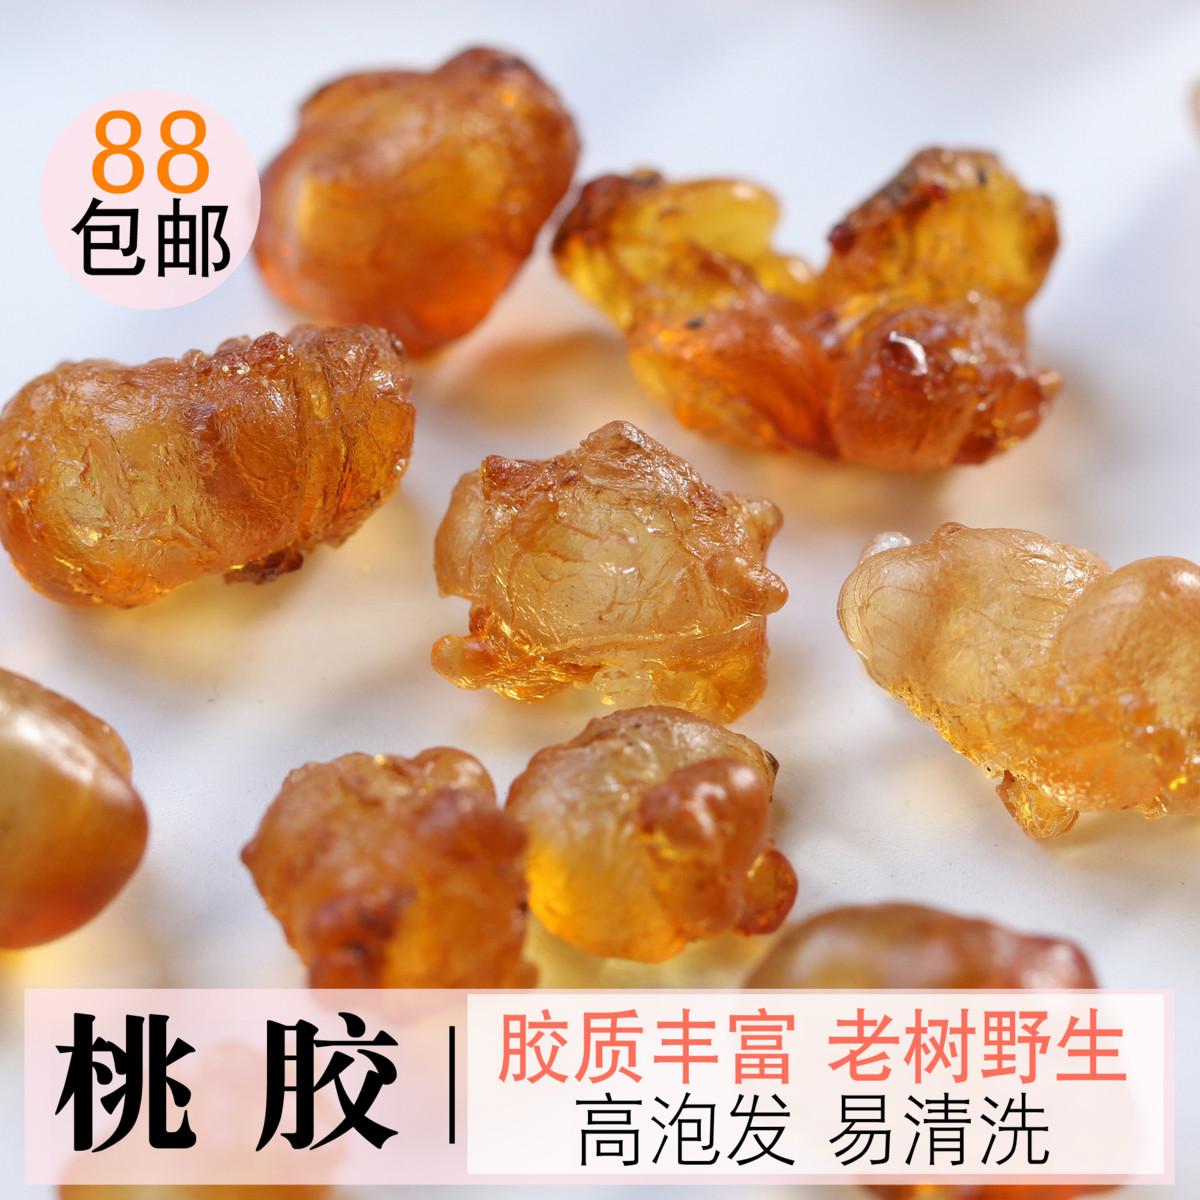 云南桃胶天然野生100g食用桃花泪雪莲子皂角米雪燕伴侣特产